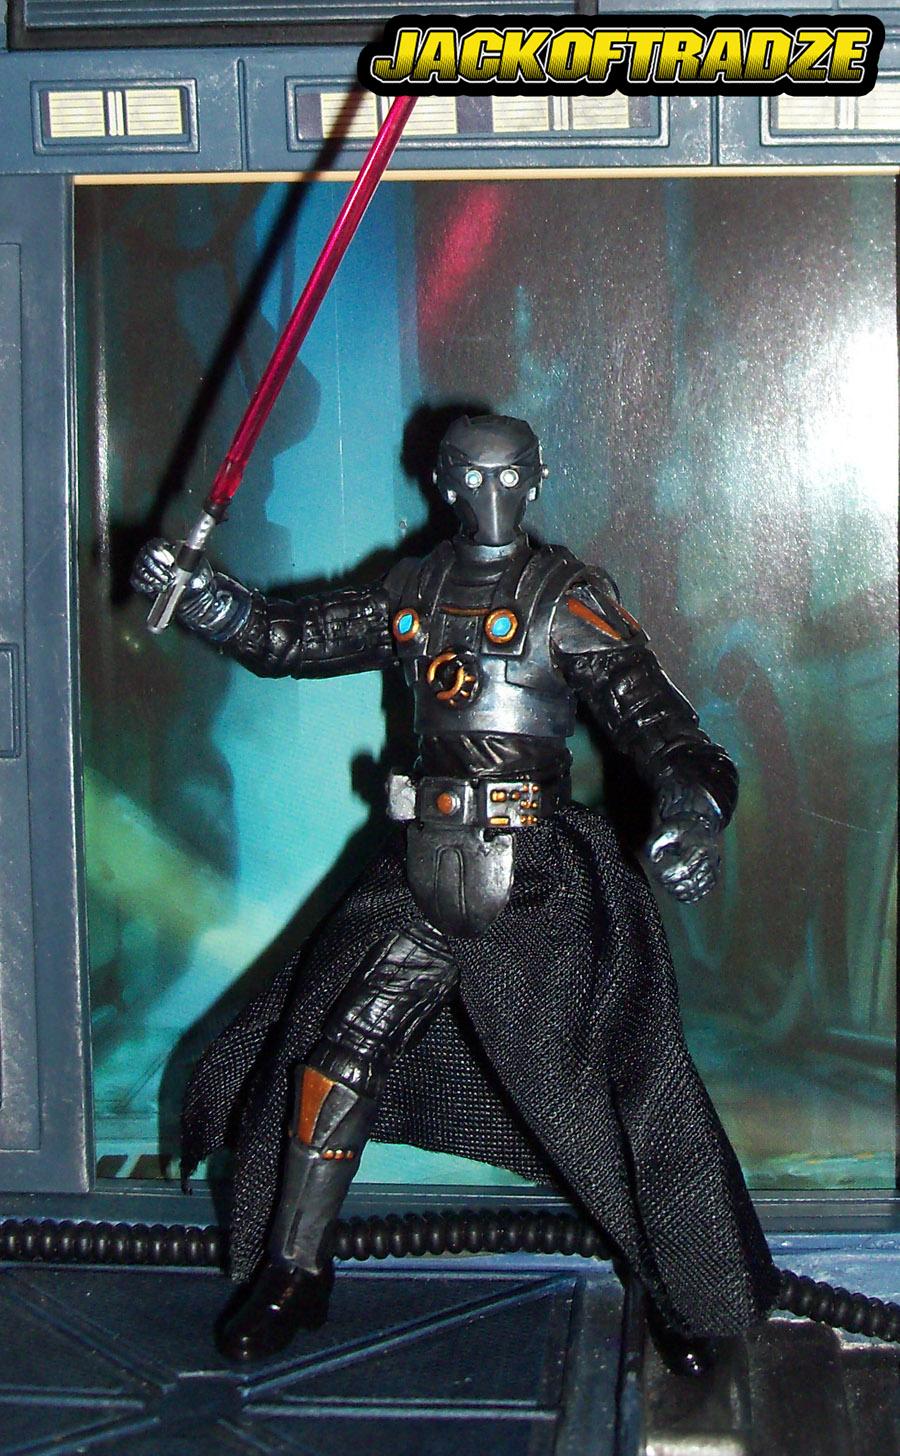 JACKOFTRADZE Custom Star Wars Action Figures New Customs